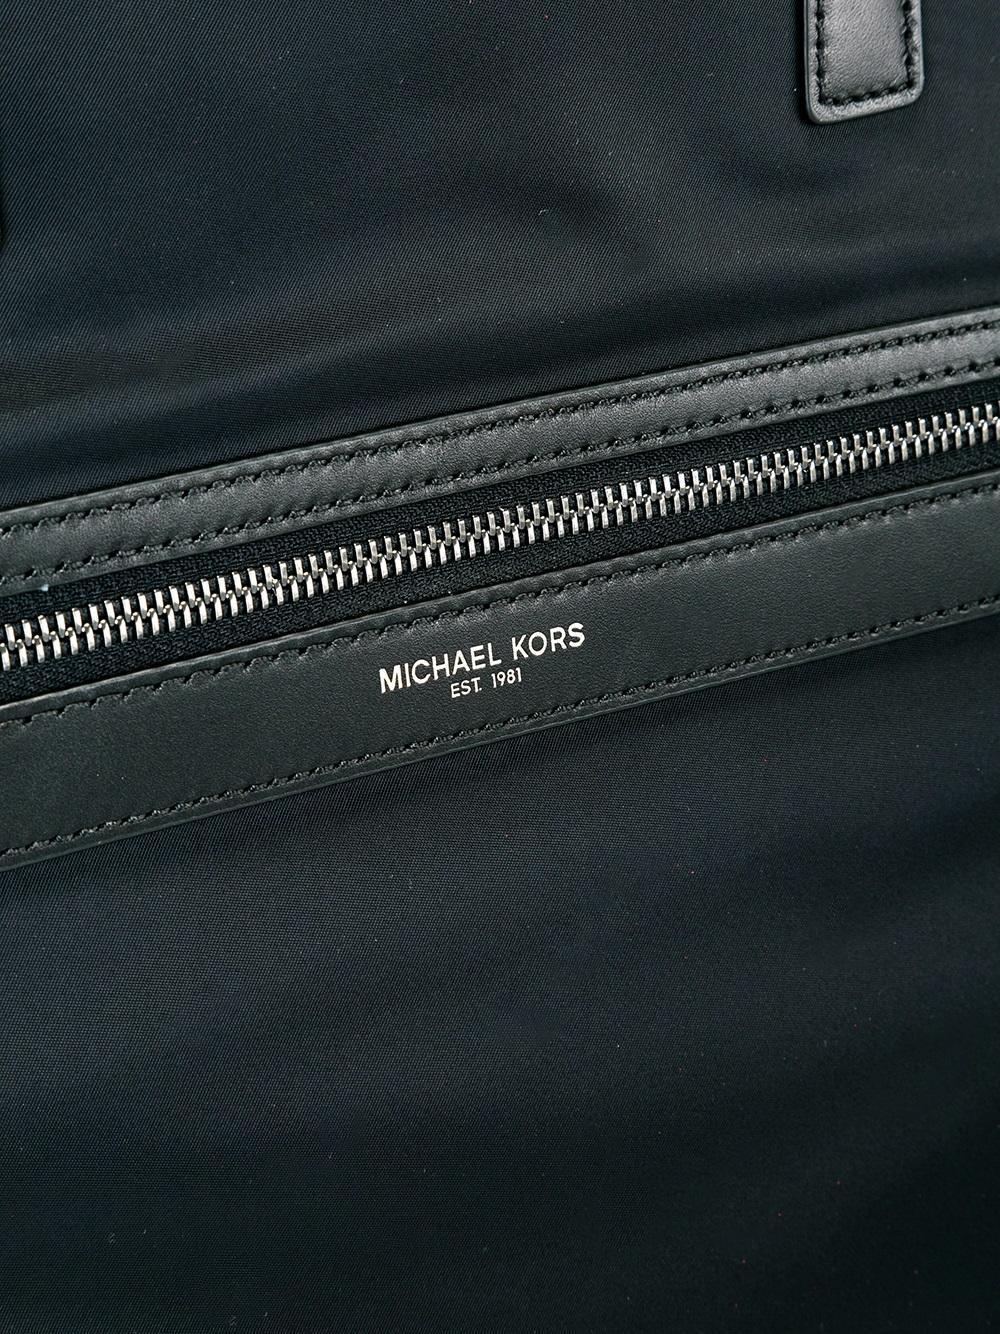 MICHAEL Michael Kors Synthetic 'kent' Reversible Tote in Black for Men